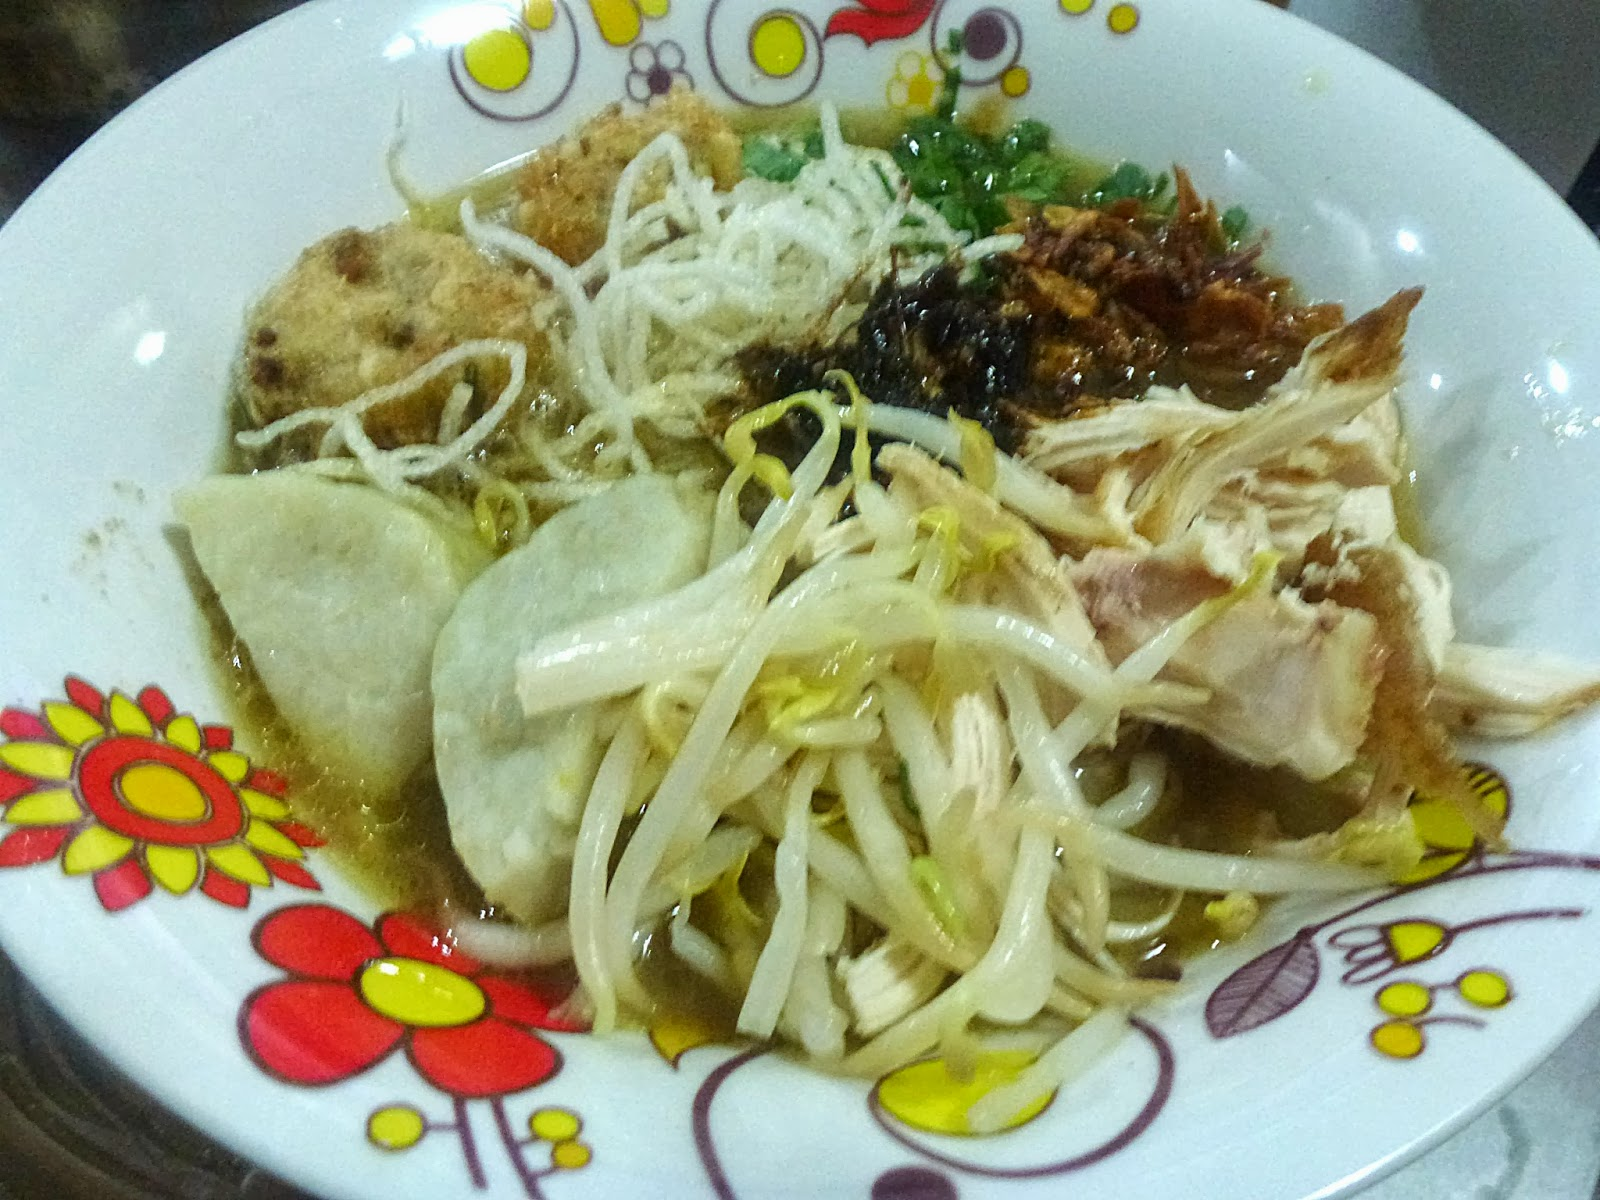 Resepi Masak Ayam Cincang - Essence Protectme